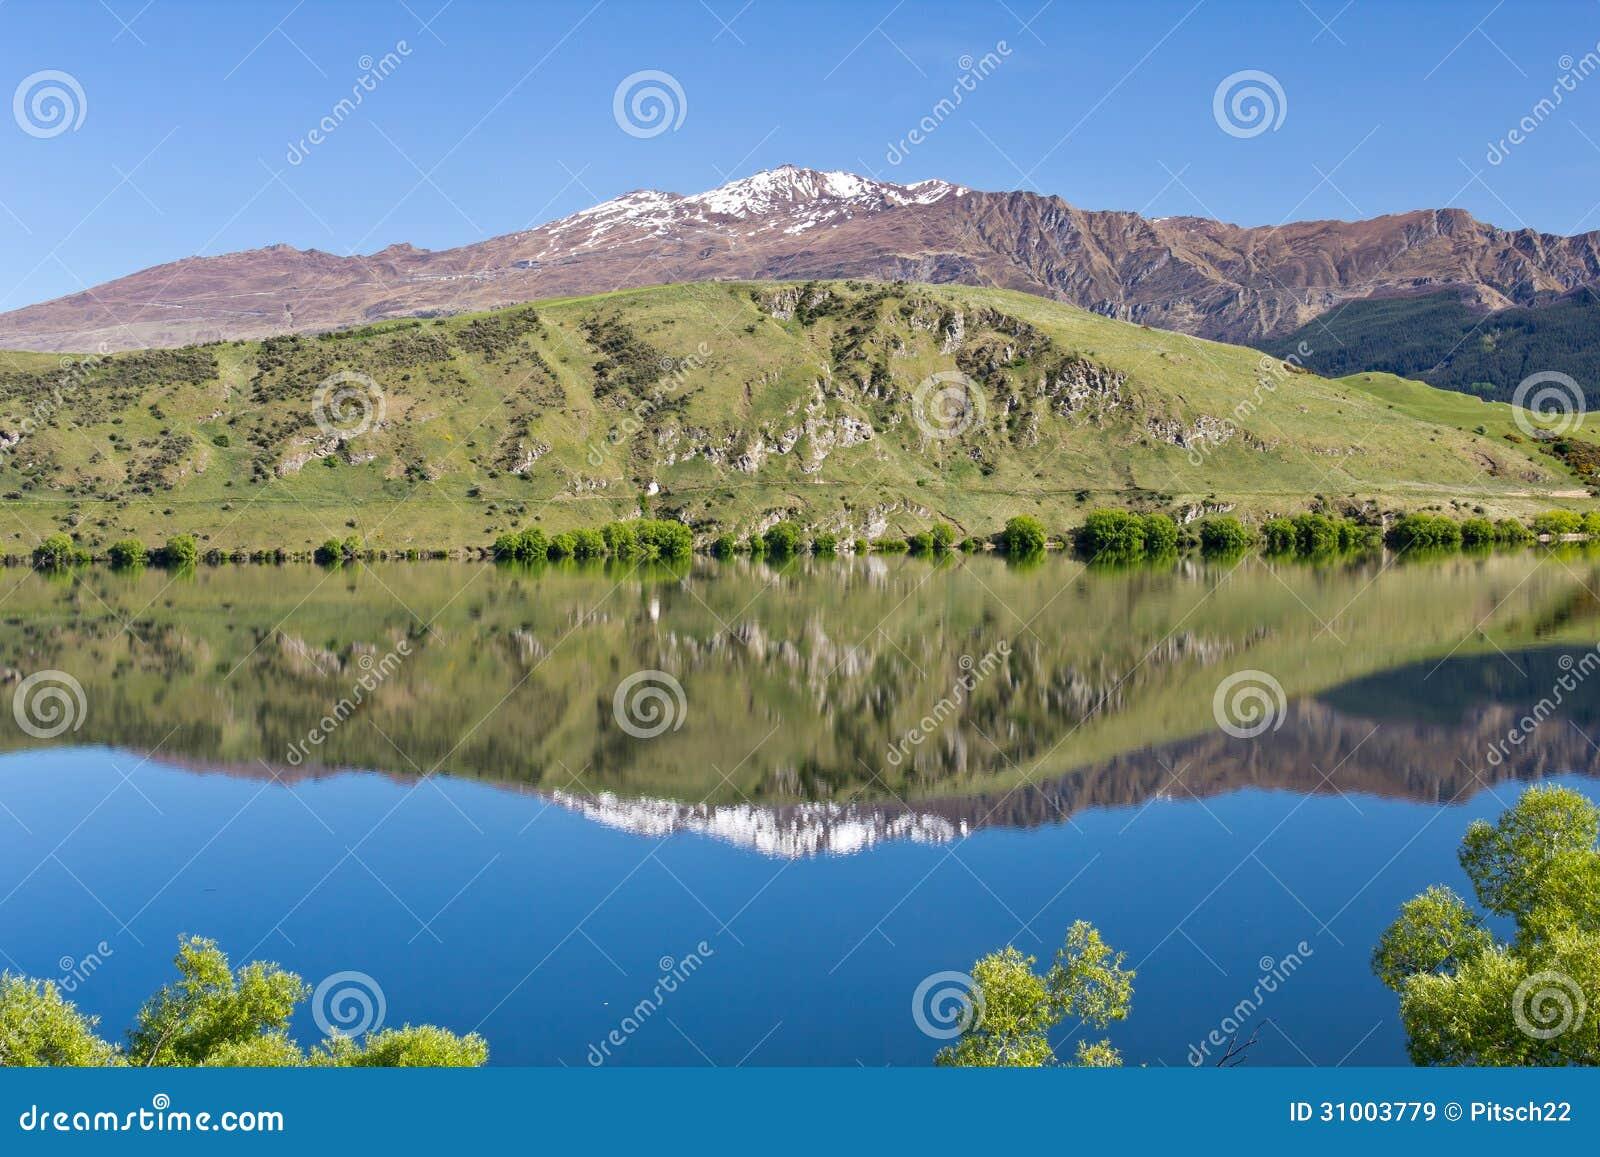 New Zealand Time Image: New Zealand, Lake Hayes With Coronet Peak Royalty Free